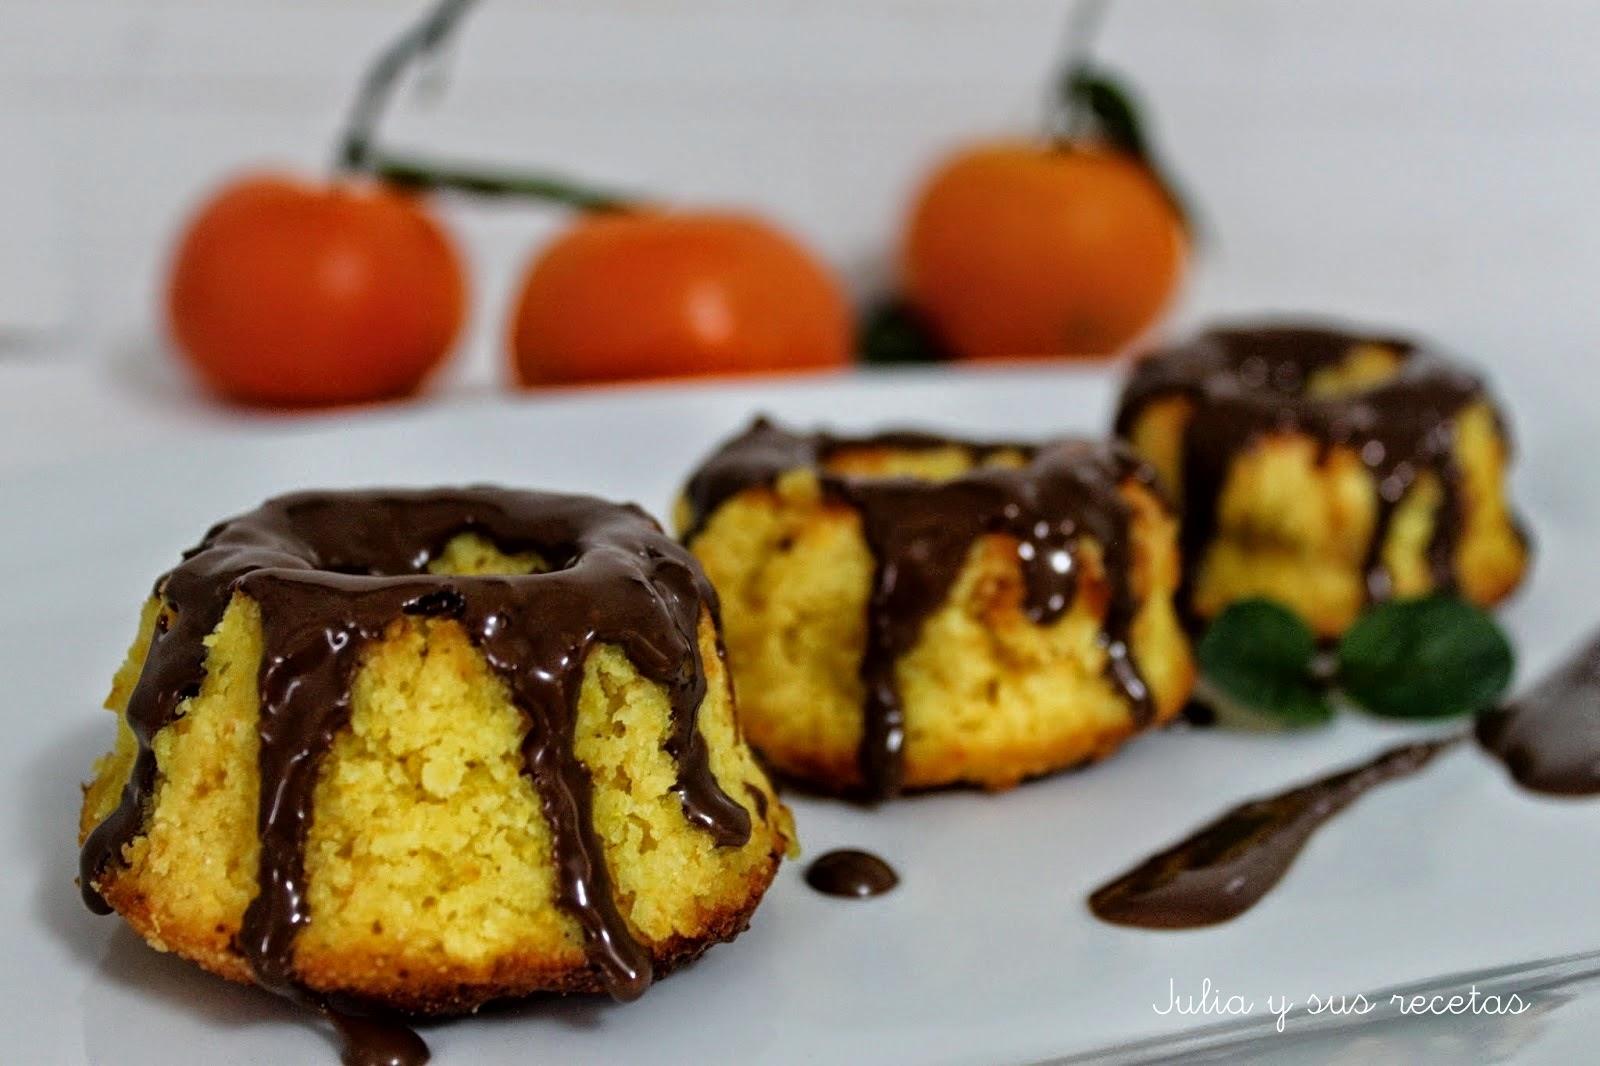 Bizcochitos de naranja, chocolate y almendra. Julia y sus recetas